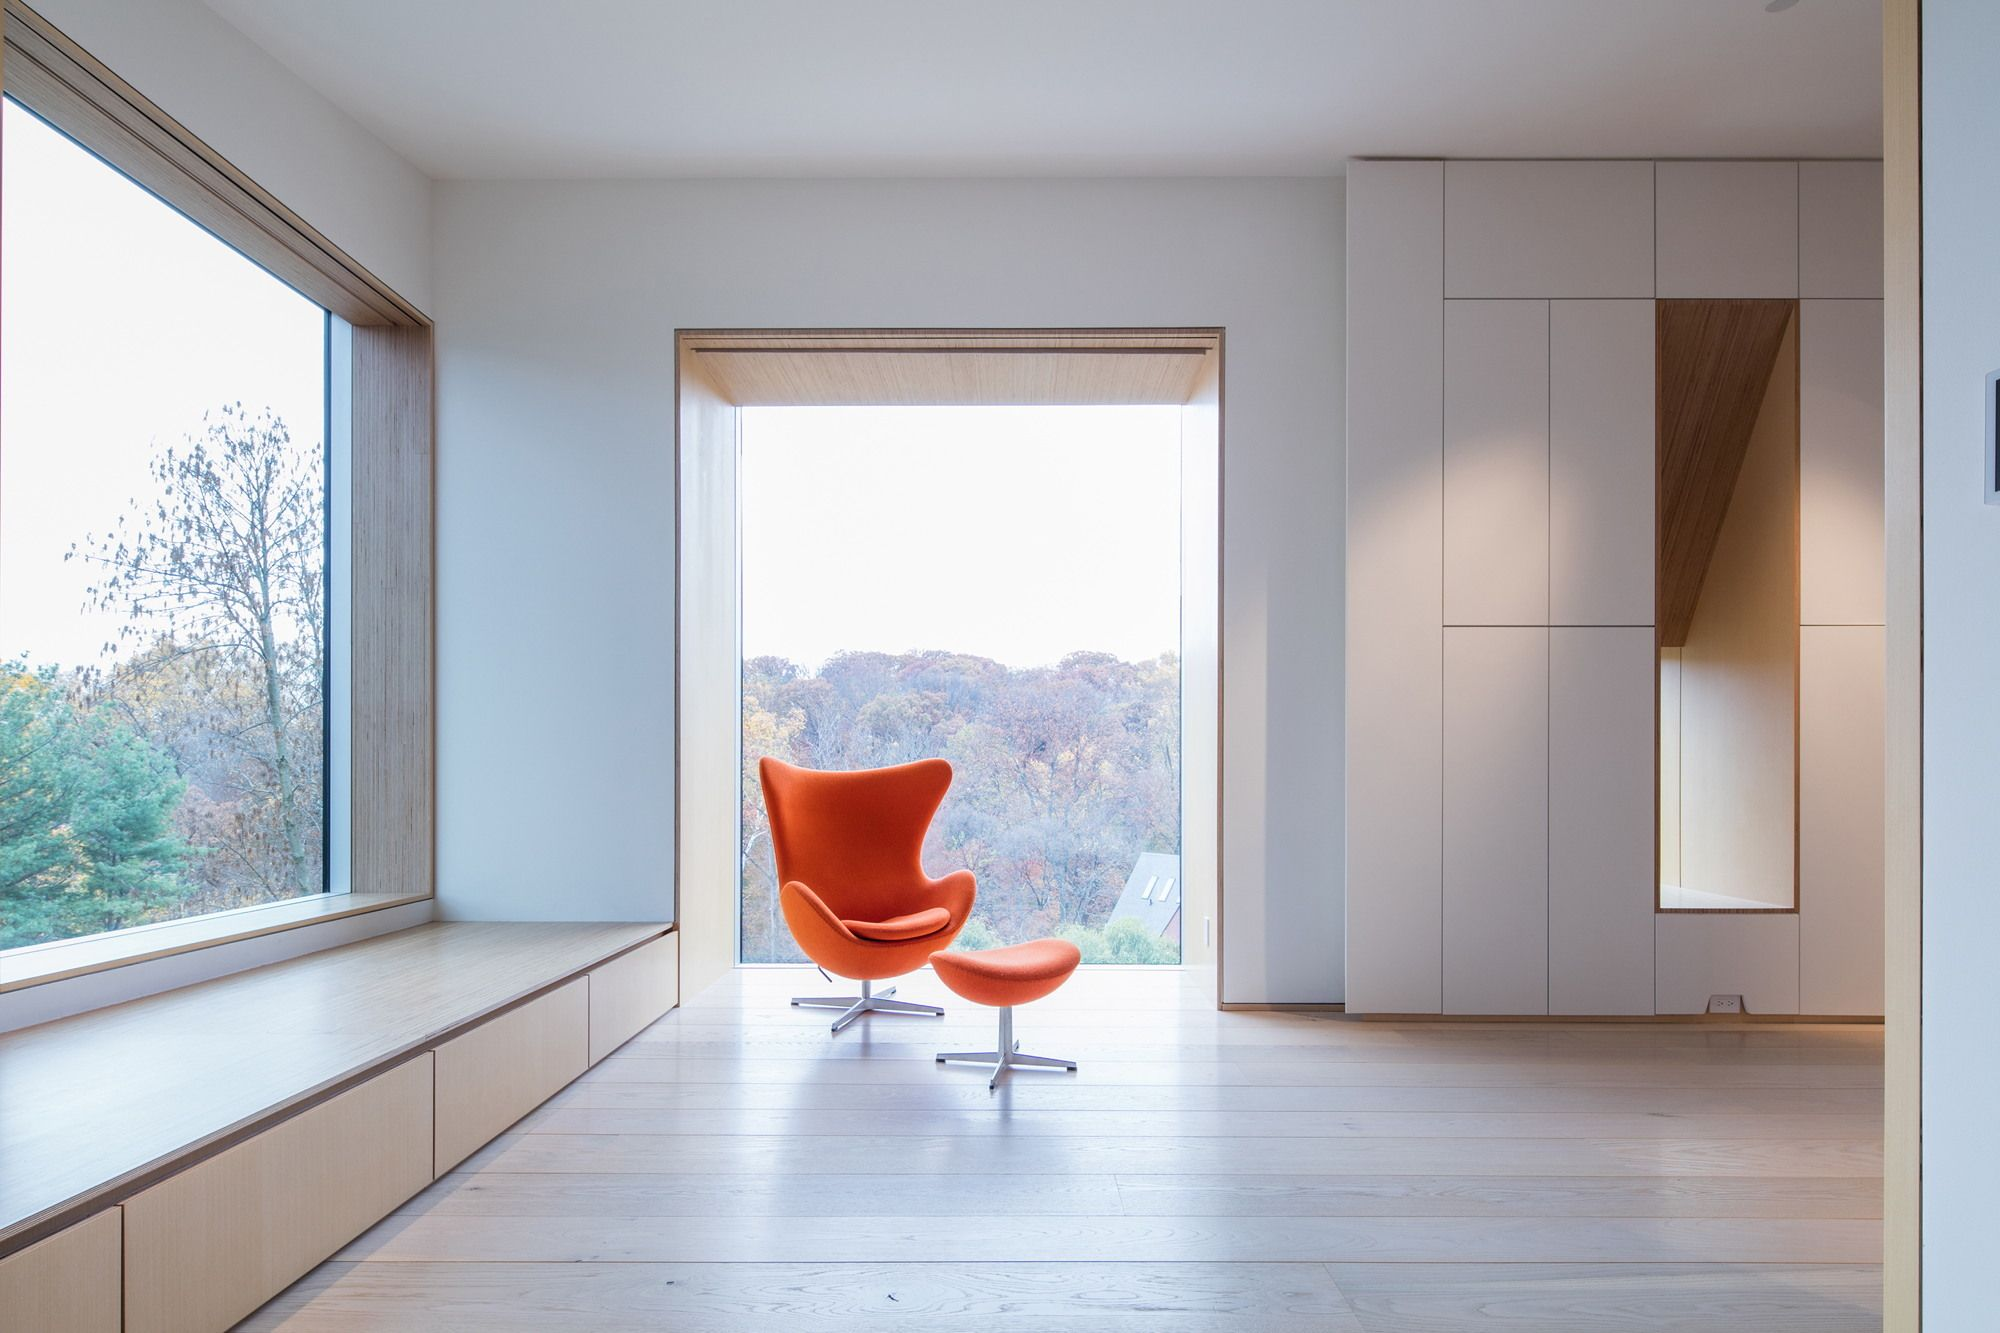 Multiplex für exzentriker wohnhaus von nadaaa in washington